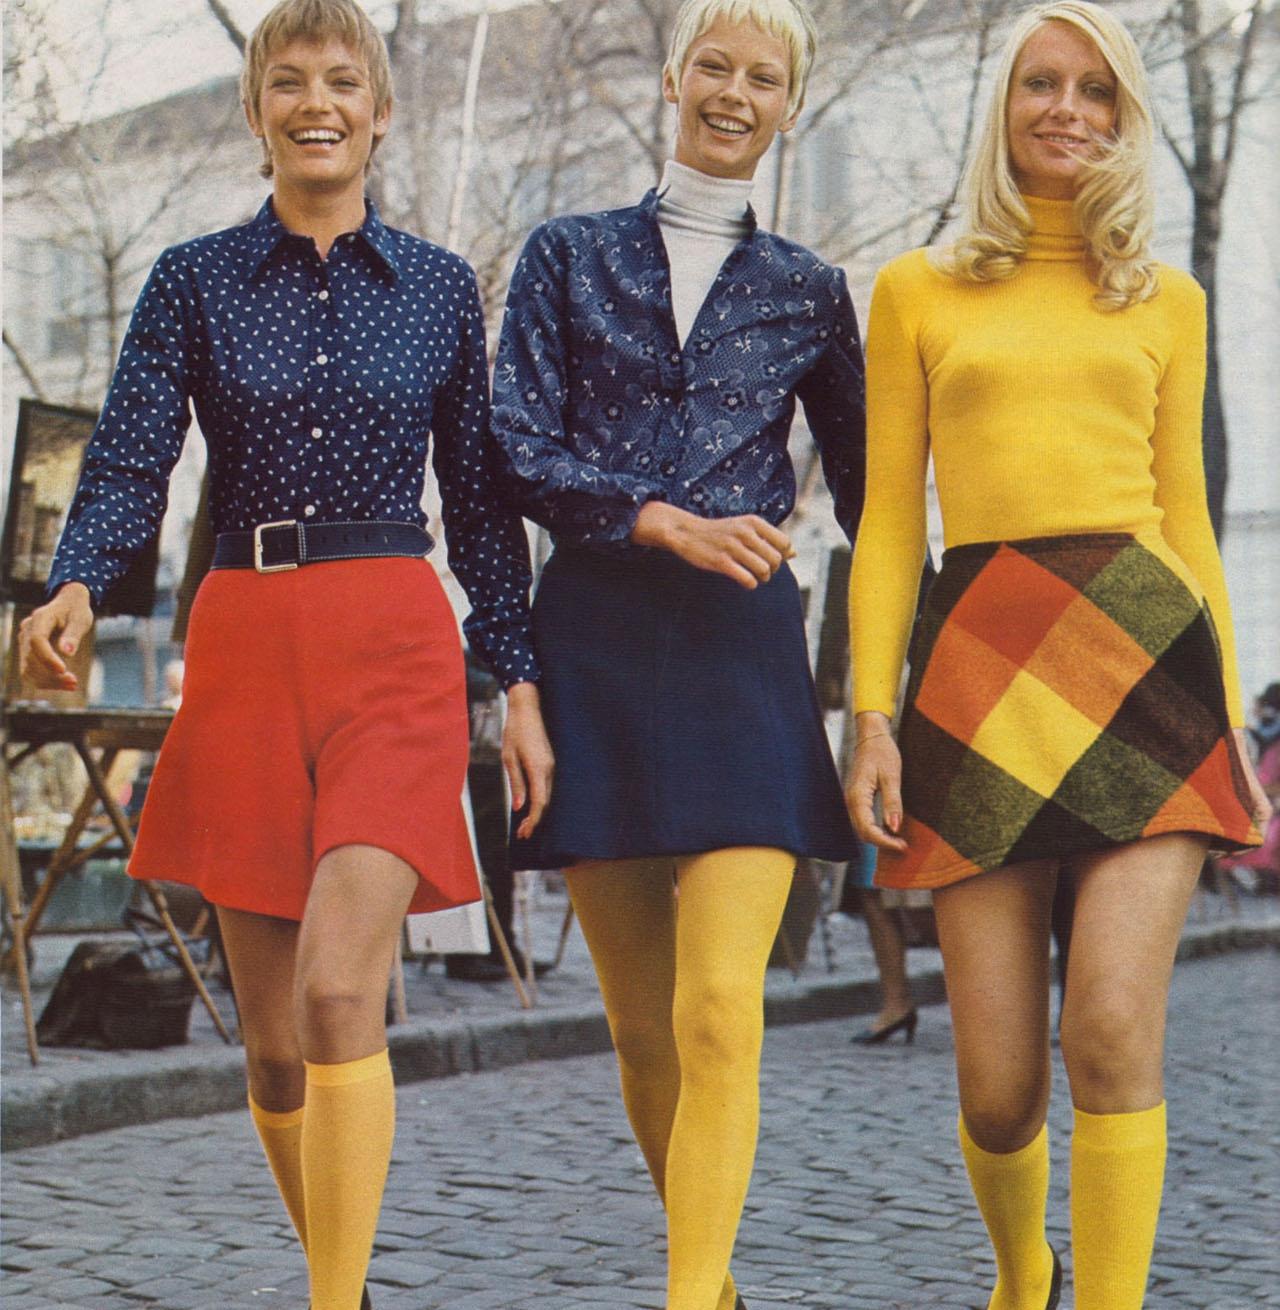 e353edf1d Le Möi Möi ♥: La Minifalda Cumple 50 Años! ♥